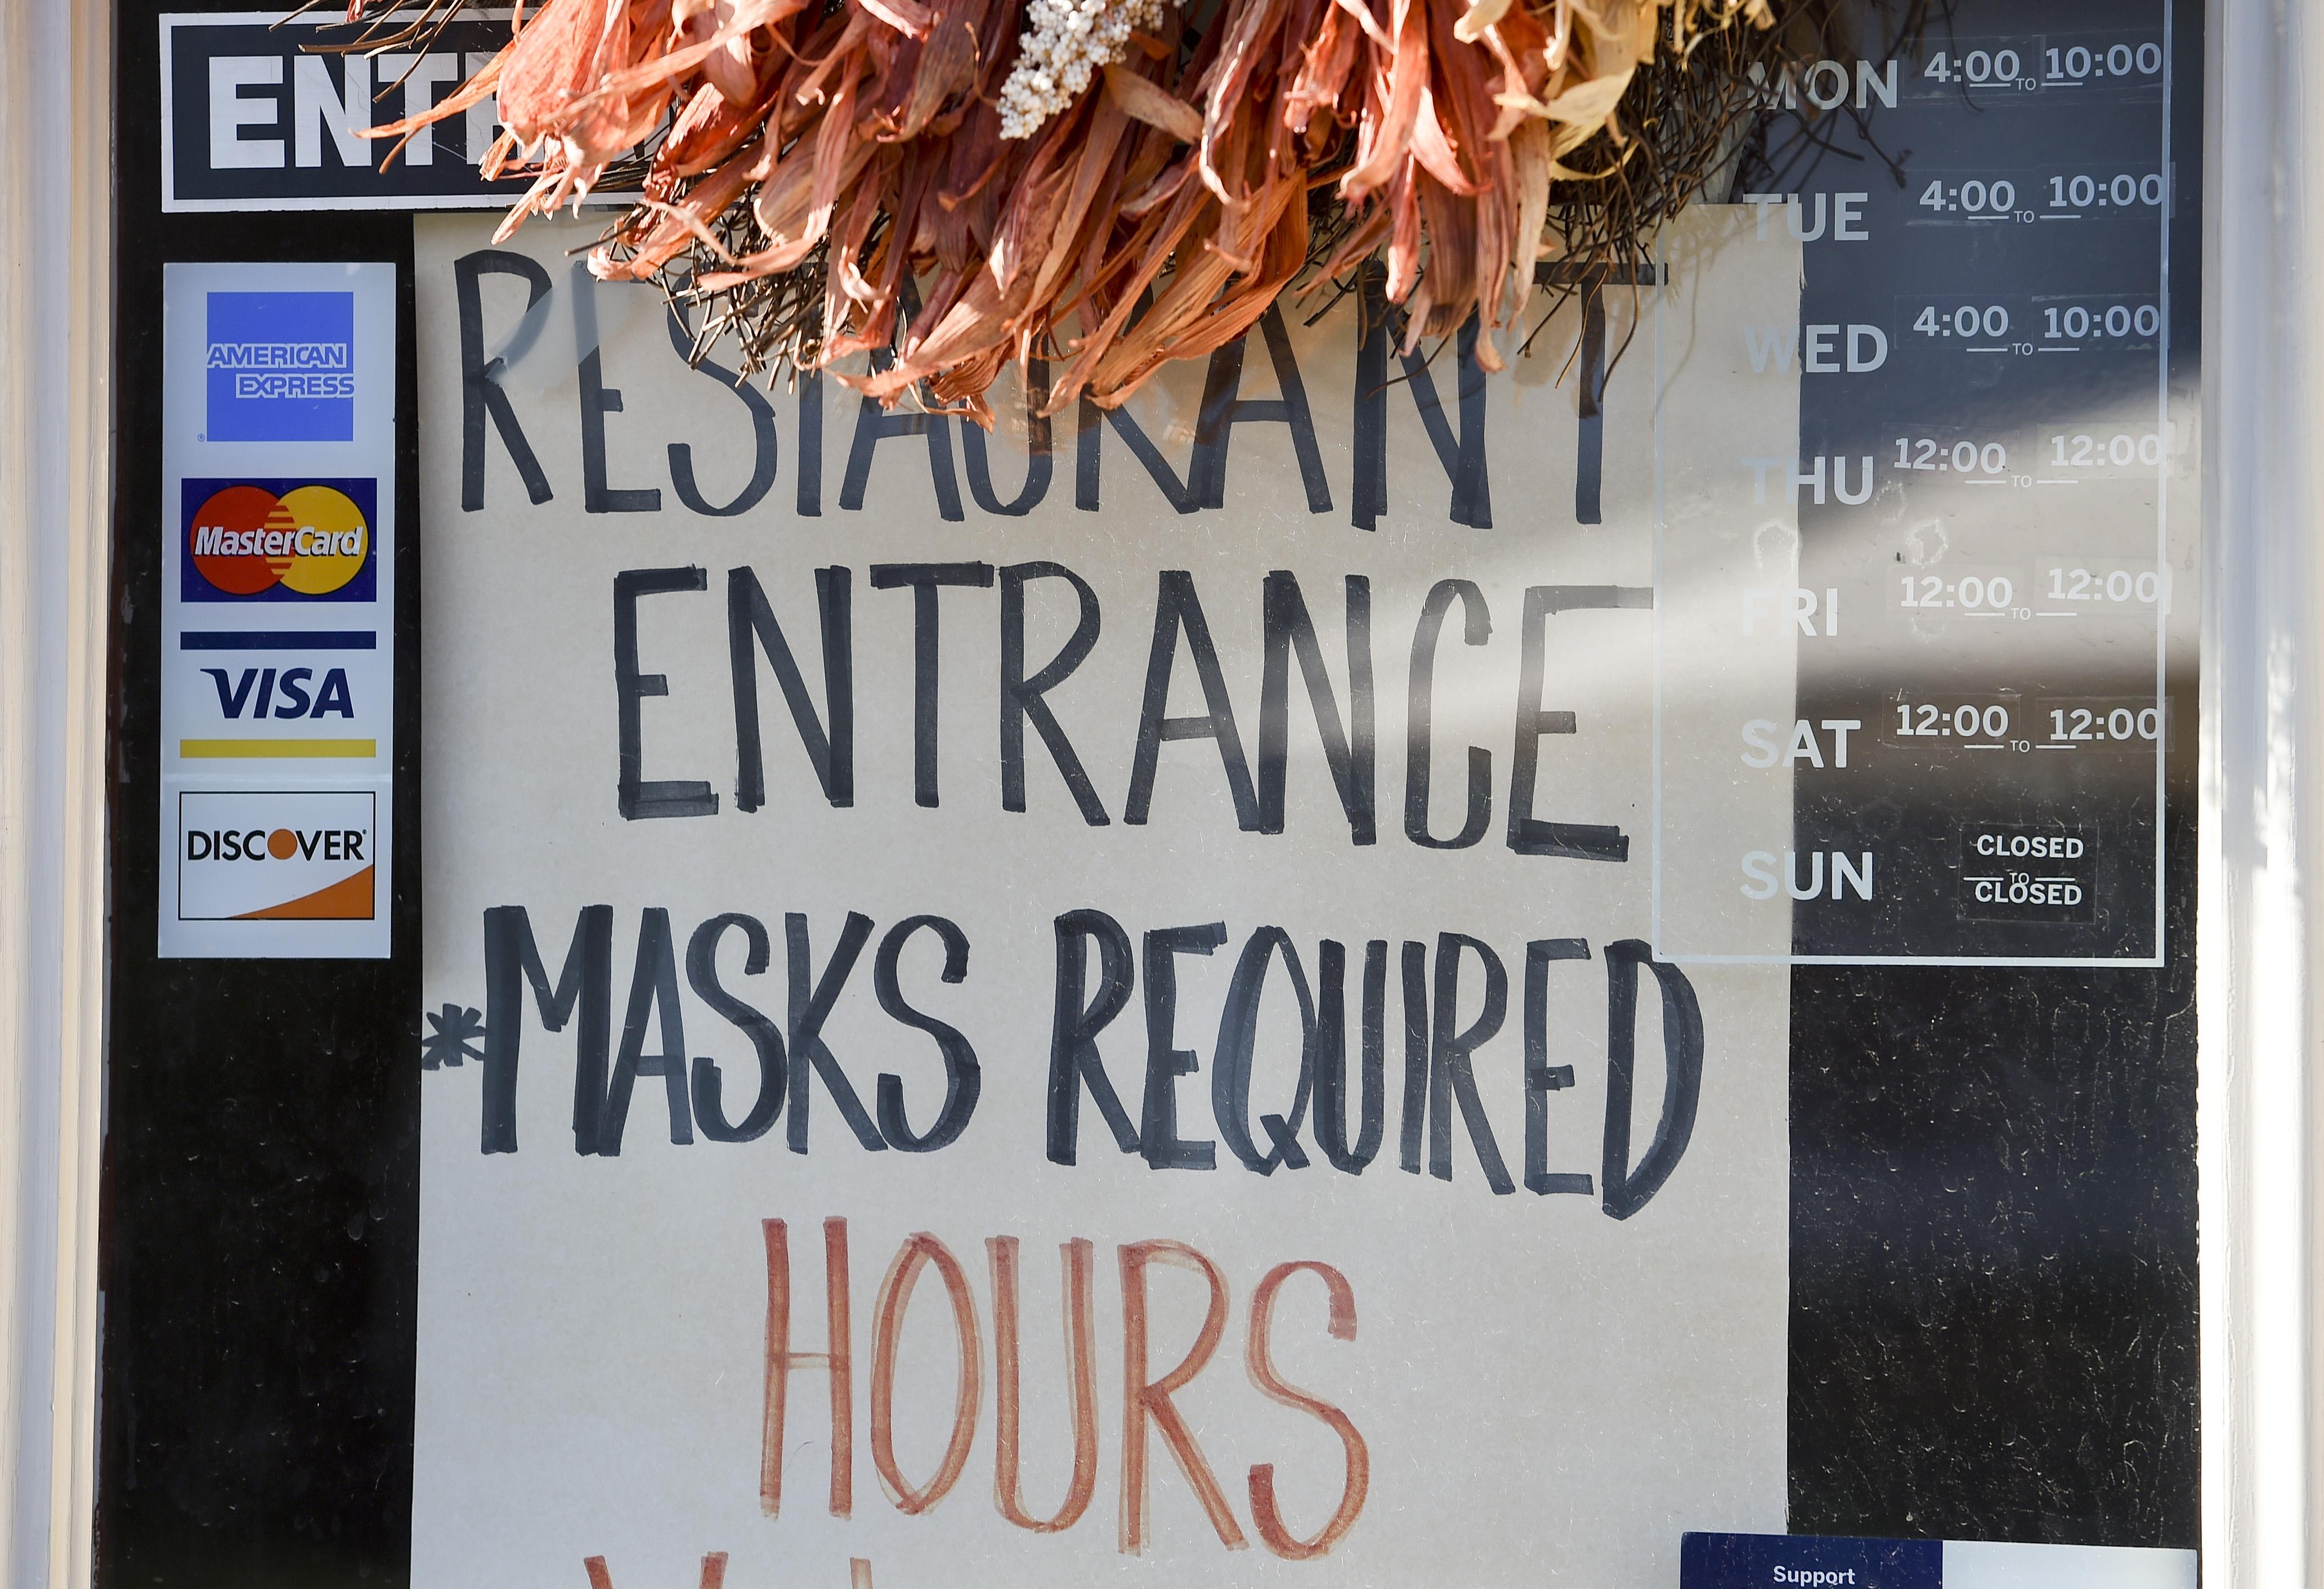 在门上的一个标志,说明餐馆入口面具需要和小时